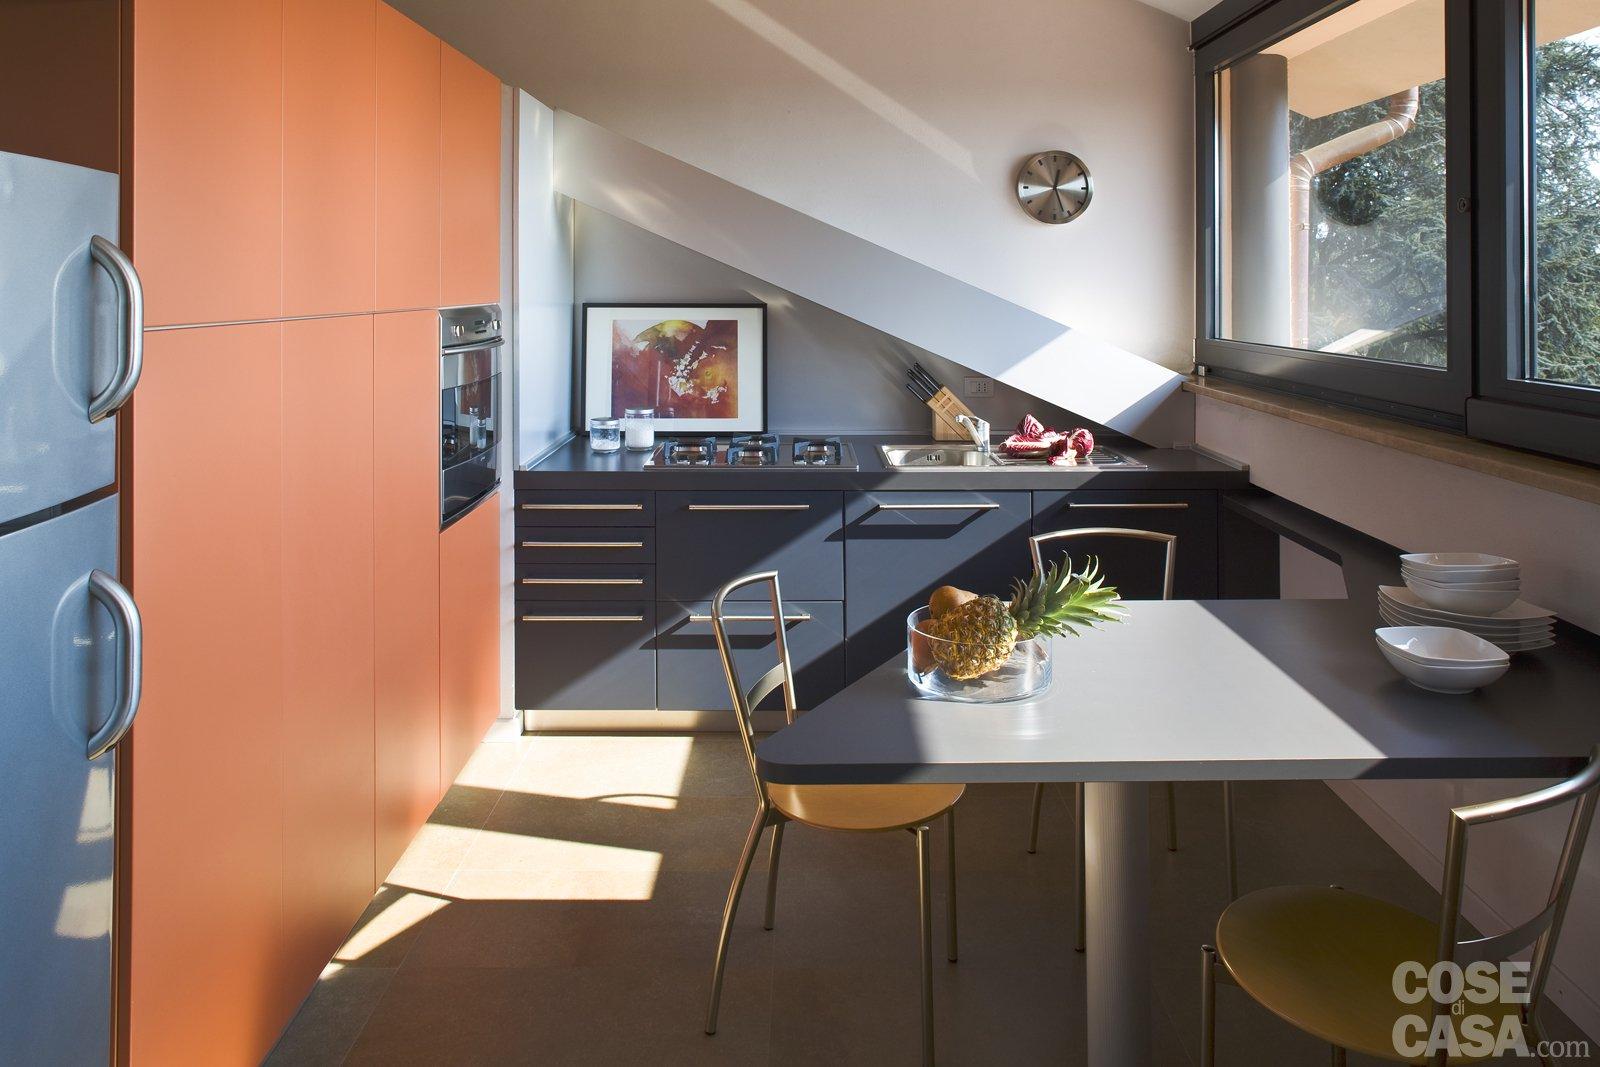 Casa in mansarda con le soluzioni giuste per gli spazi for Disegni di casa italiana moderna